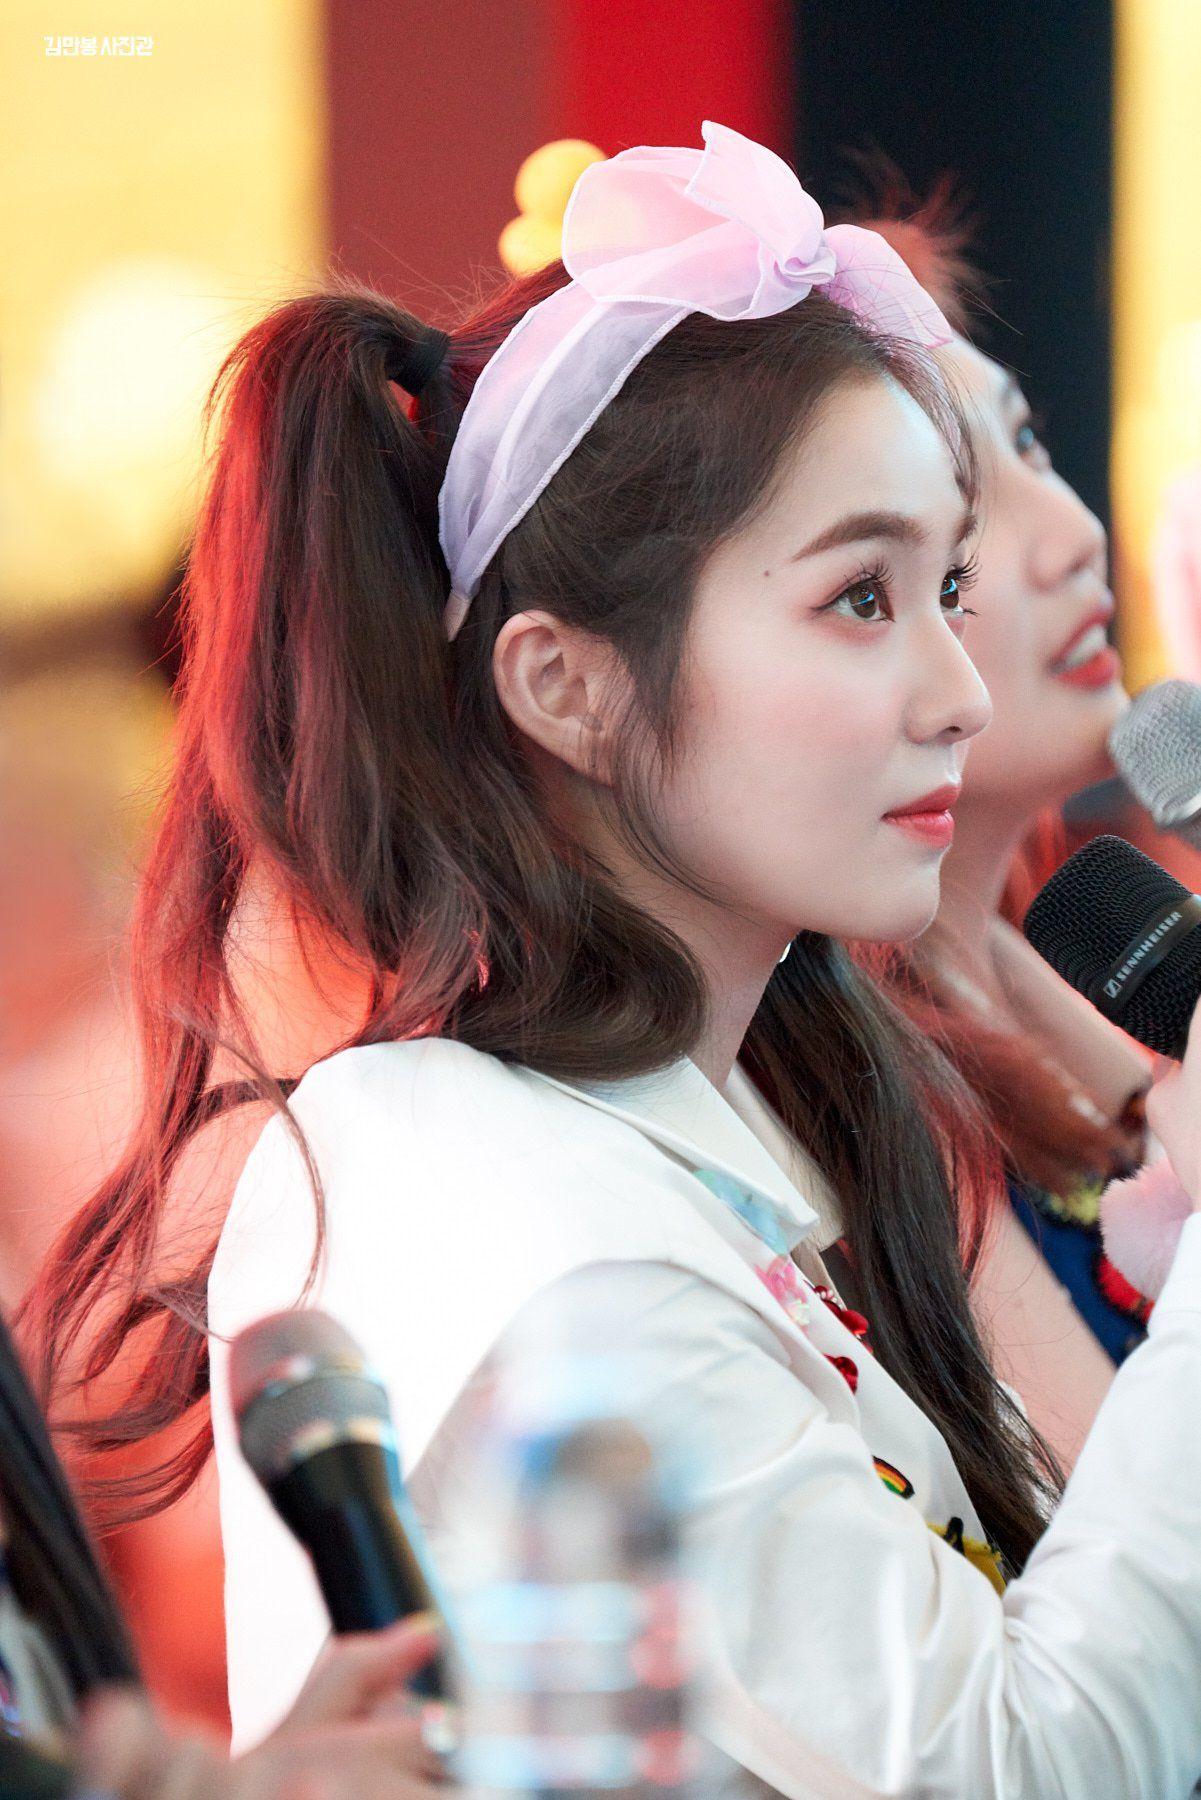 Irene kpop kdrama bts exo kpoparmy red velvet irene